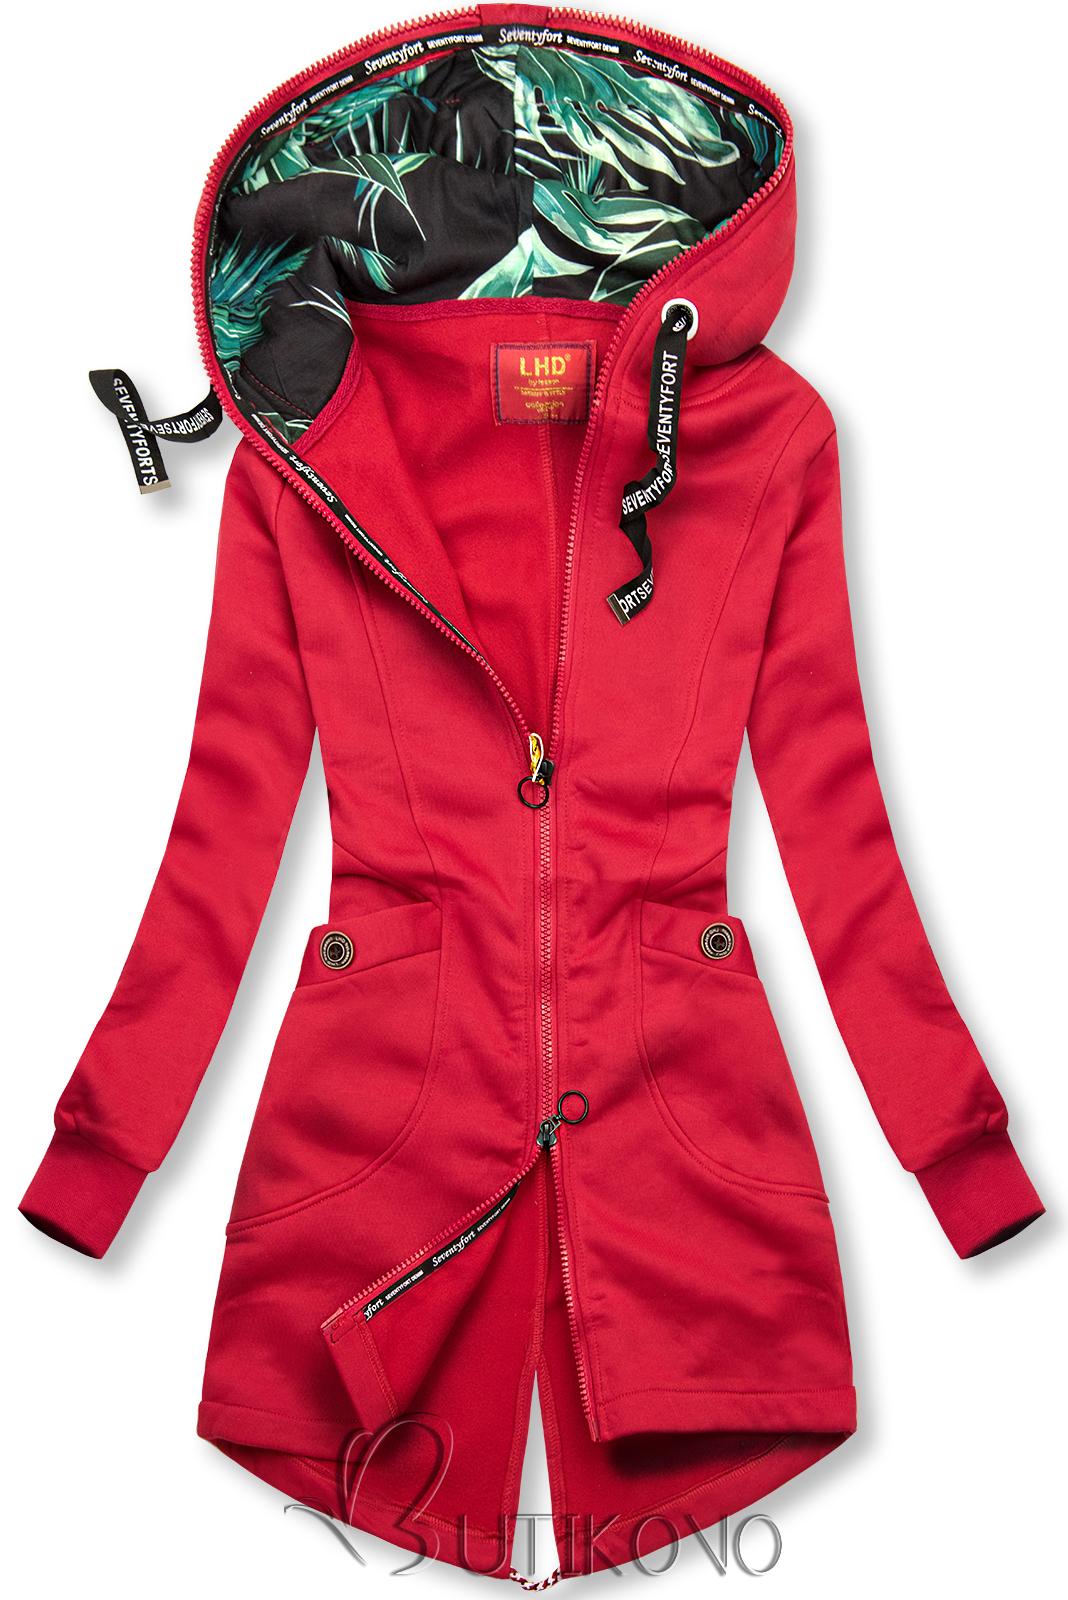 Červená mikina se vzorovanou kapucí